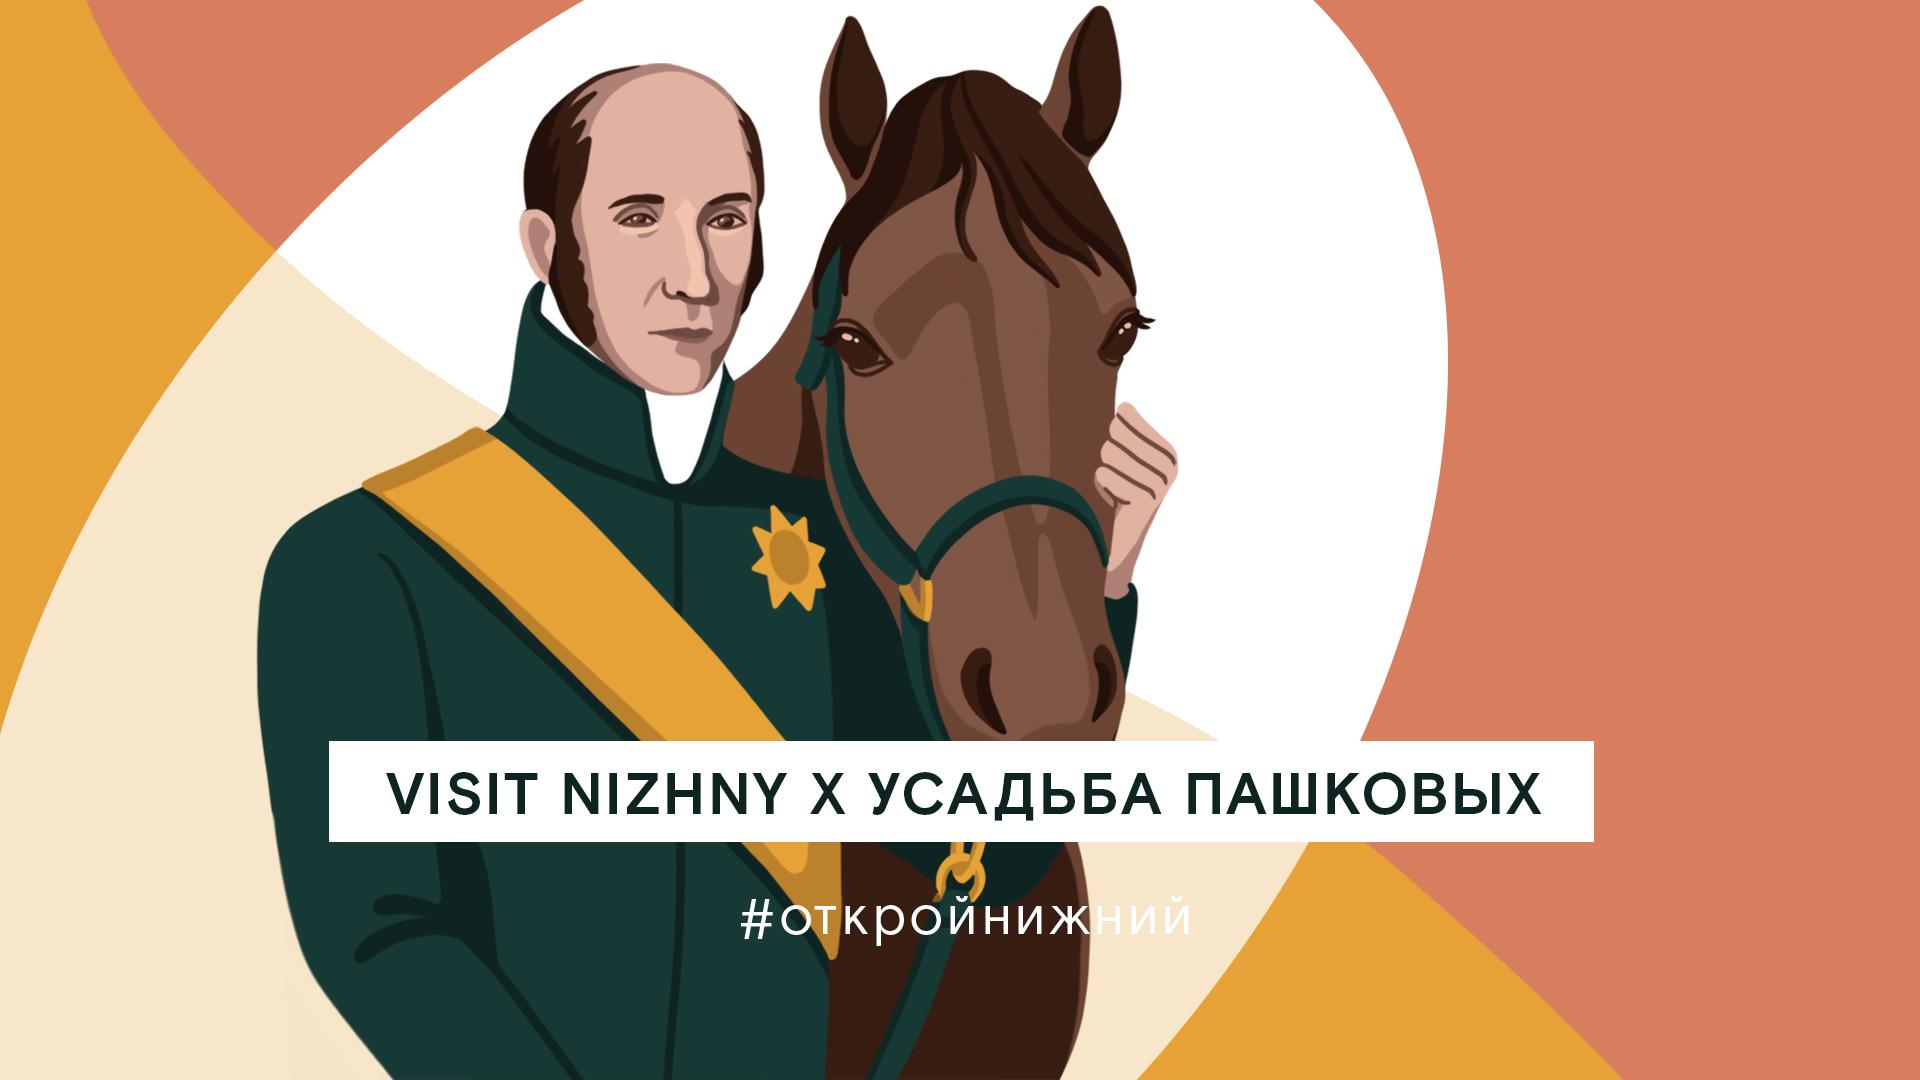 Посетить усадьбу Пашковых в Гагинском районе теперь можно в виртуальном режиме